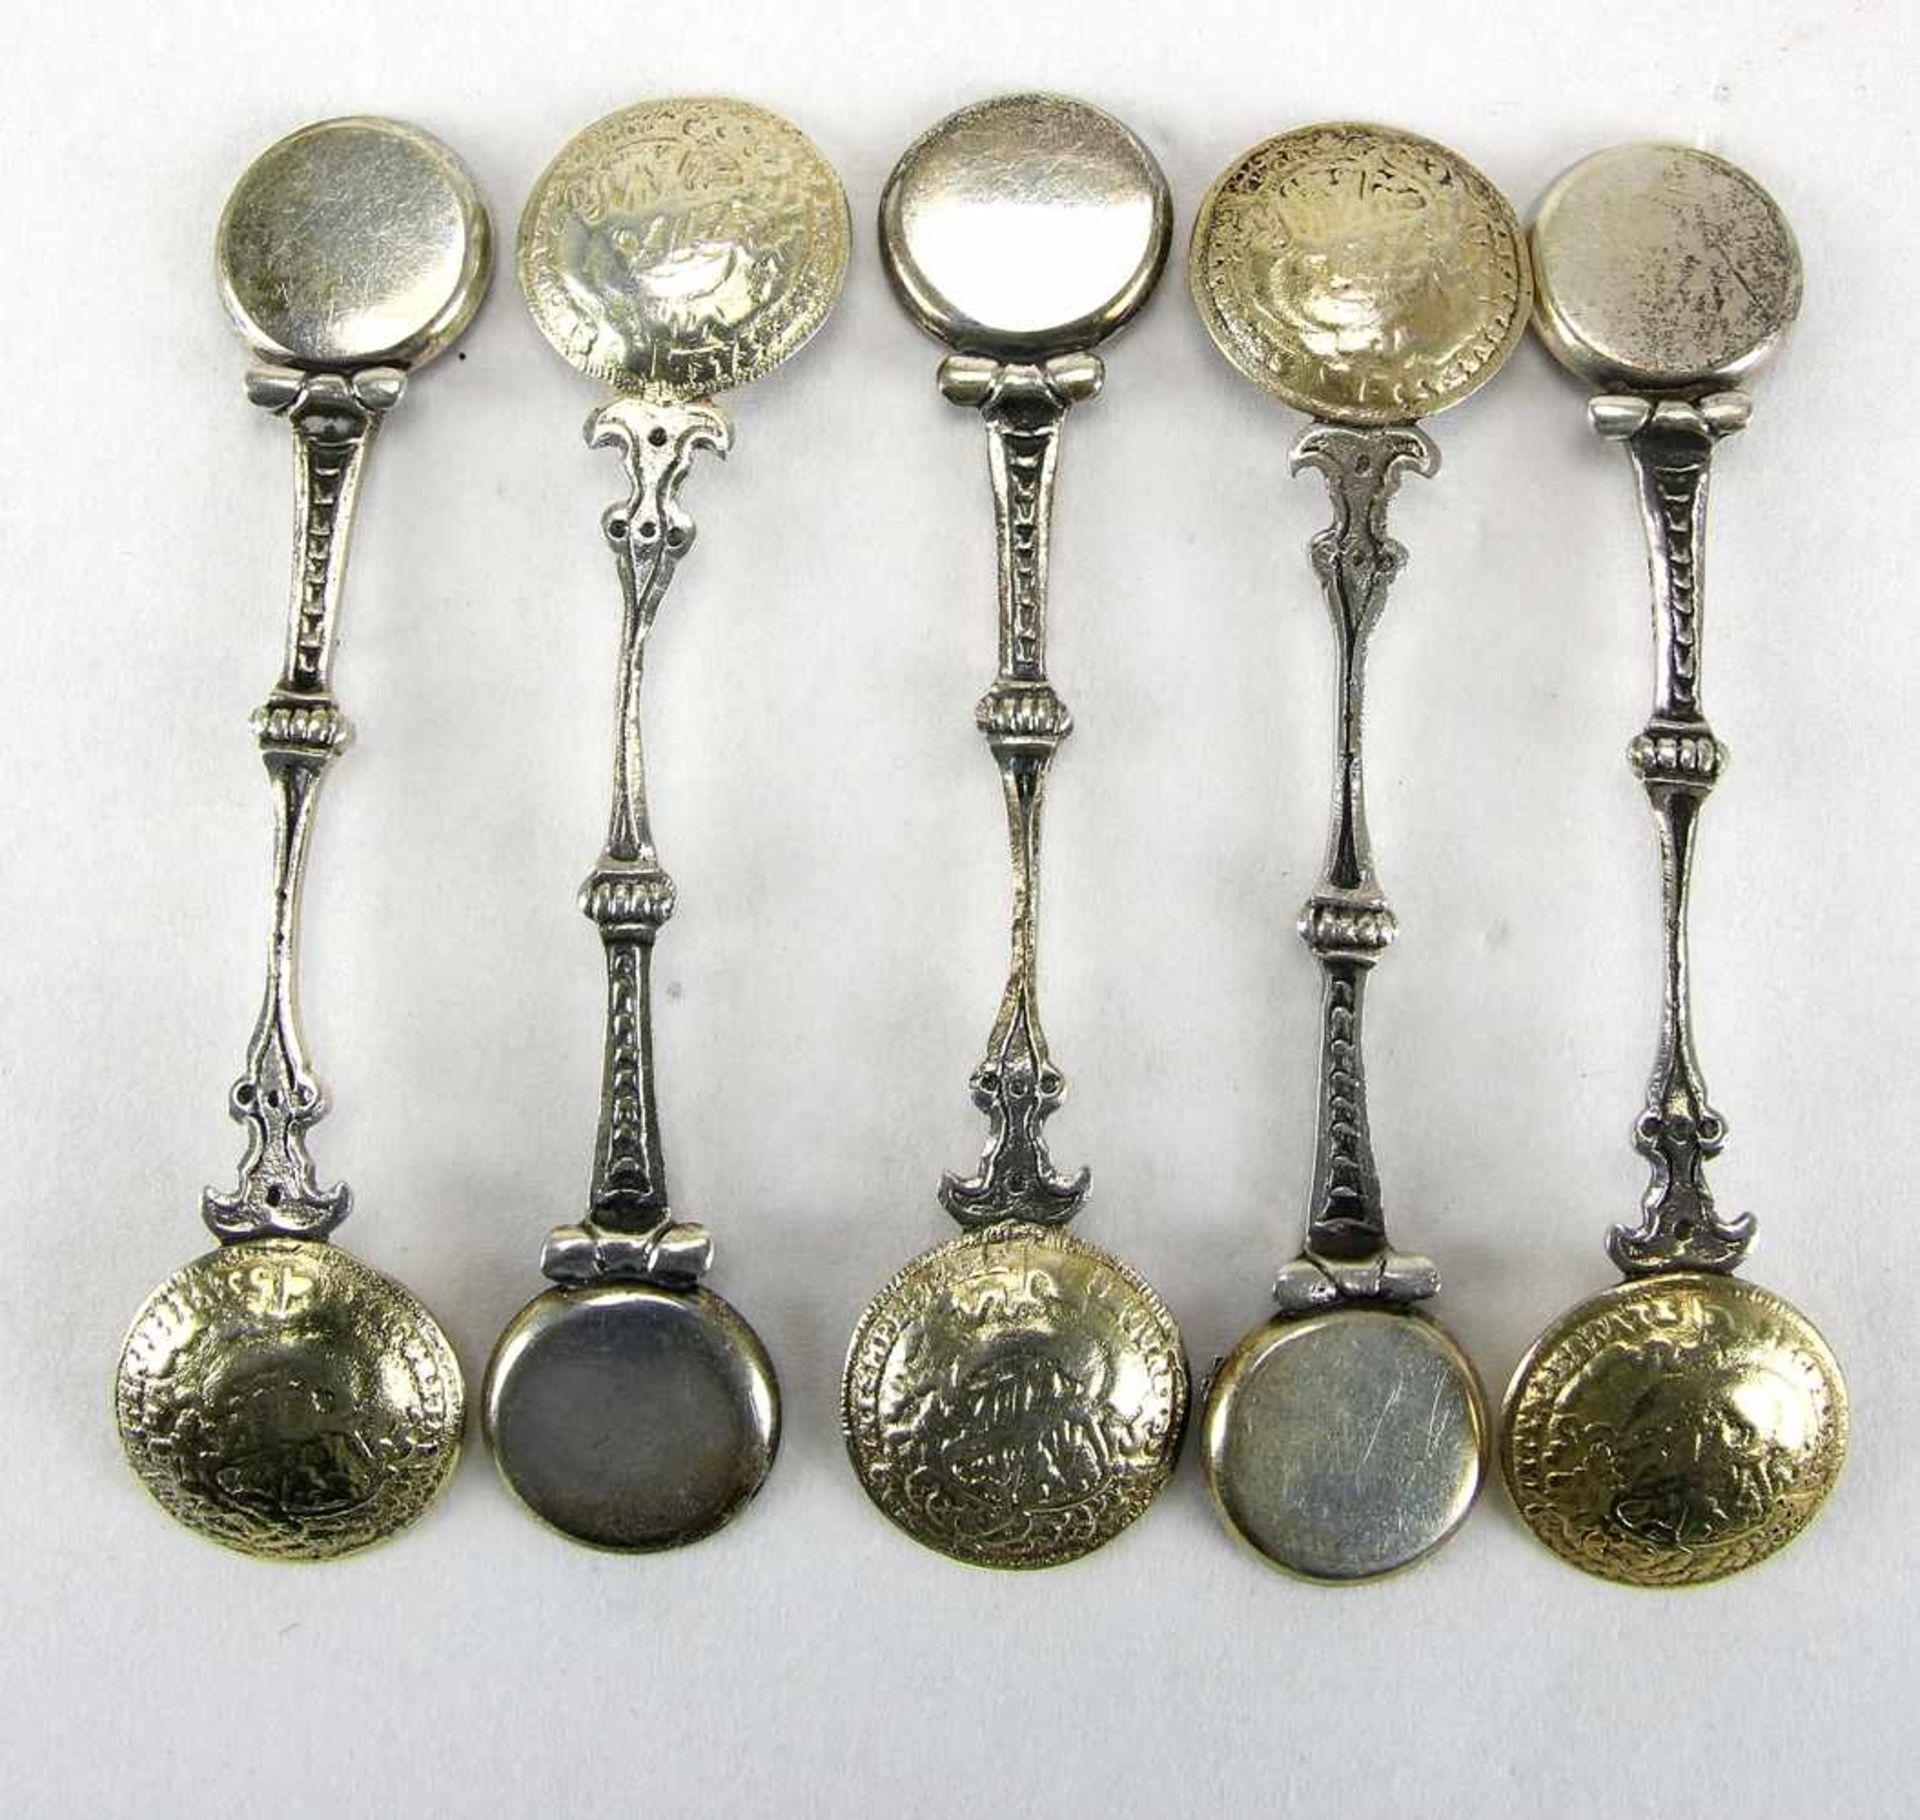 Fünf Münzlöffelum 1900. Jeweils mit Sternzeichen auf dem Griff. Seitlich mit Silber 925 und Bas. - Bild 2 aus 2